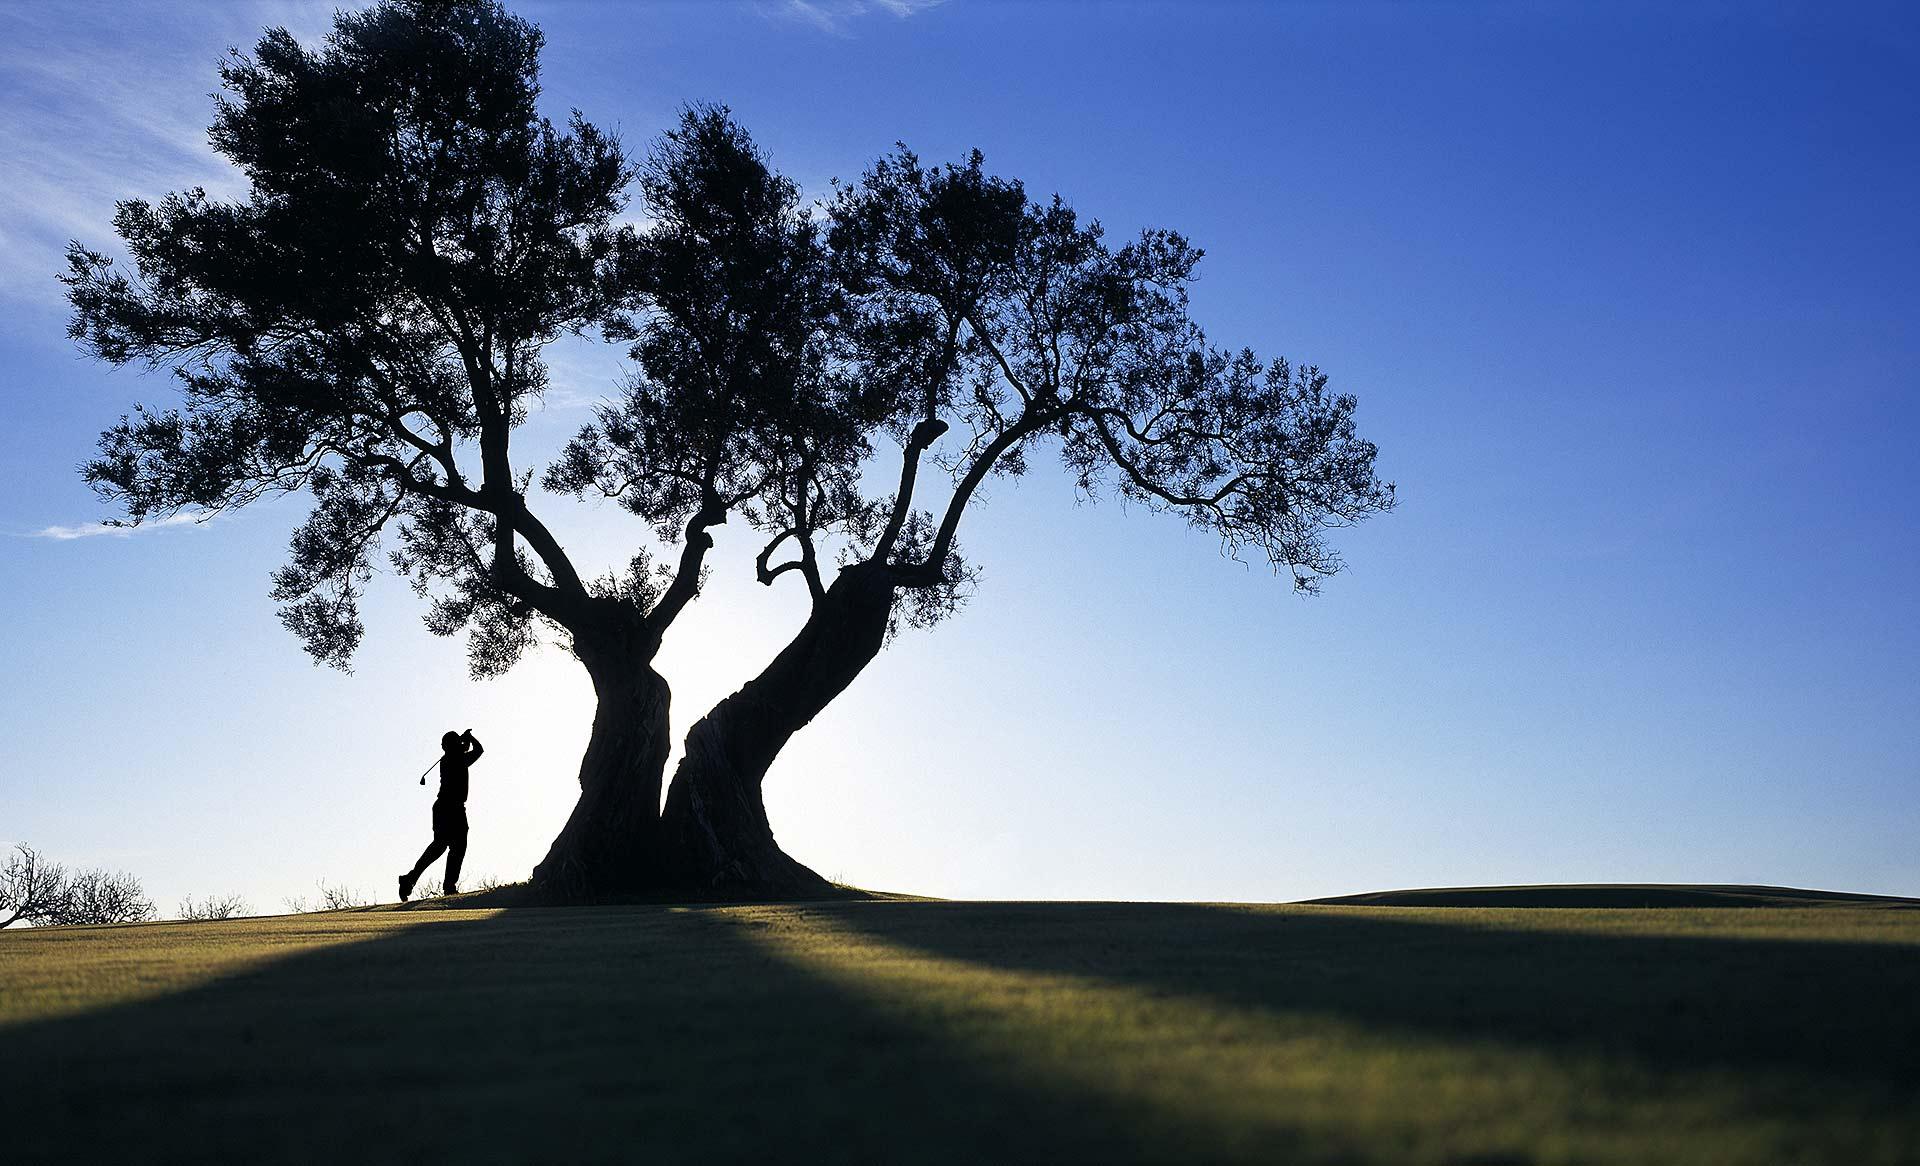 Easton_golfer_01_V2_web.jpg